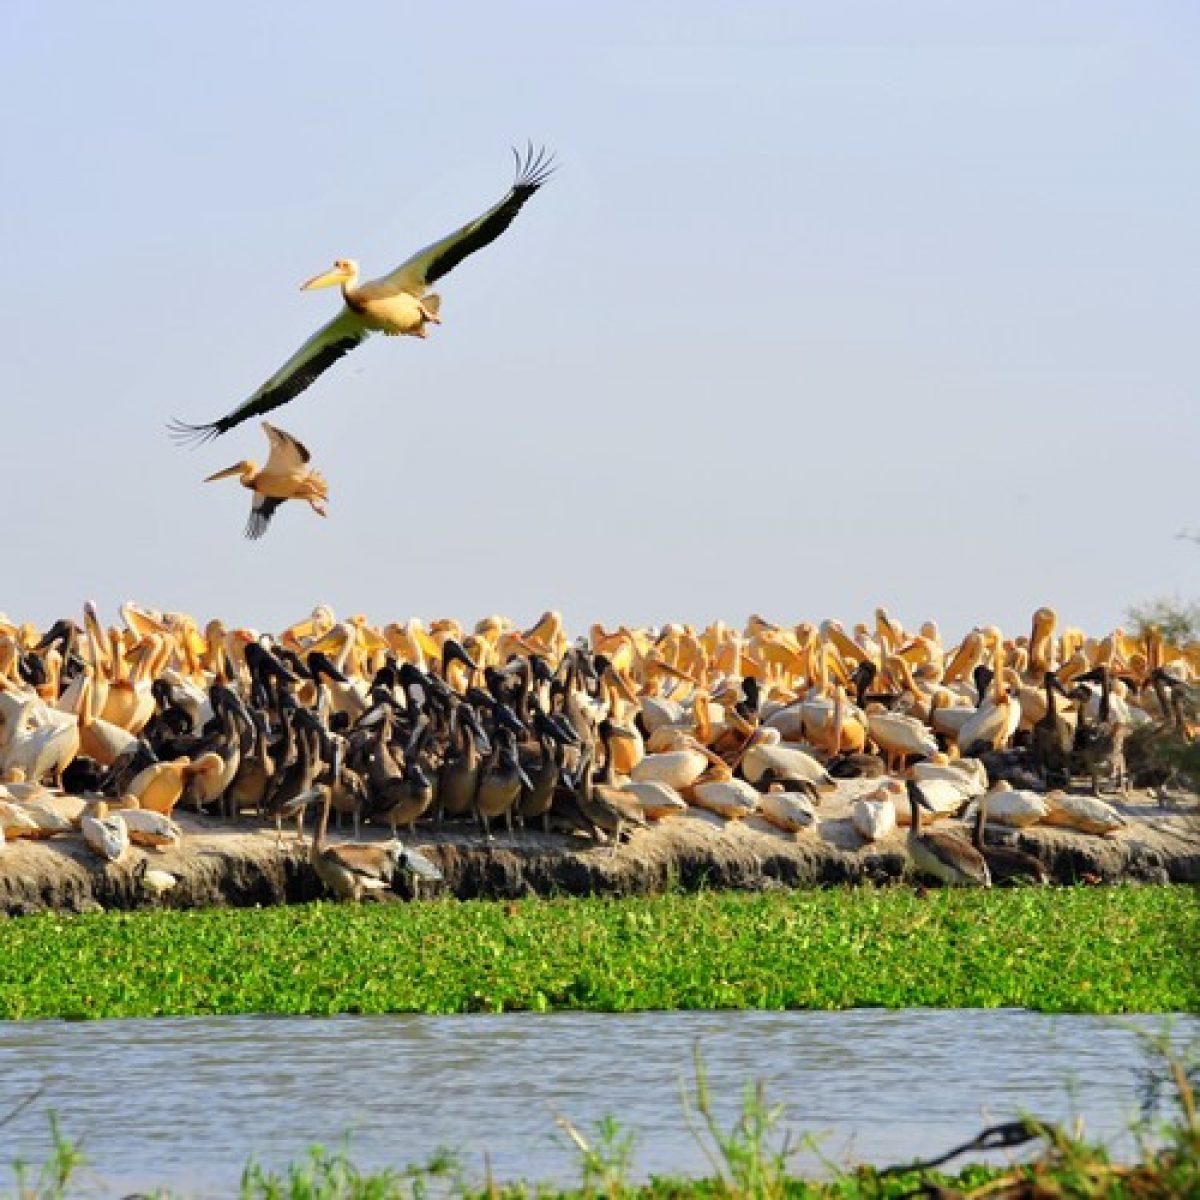 El Parque Nacional de los Pájaros de Djoudj - Media jornada o jornada